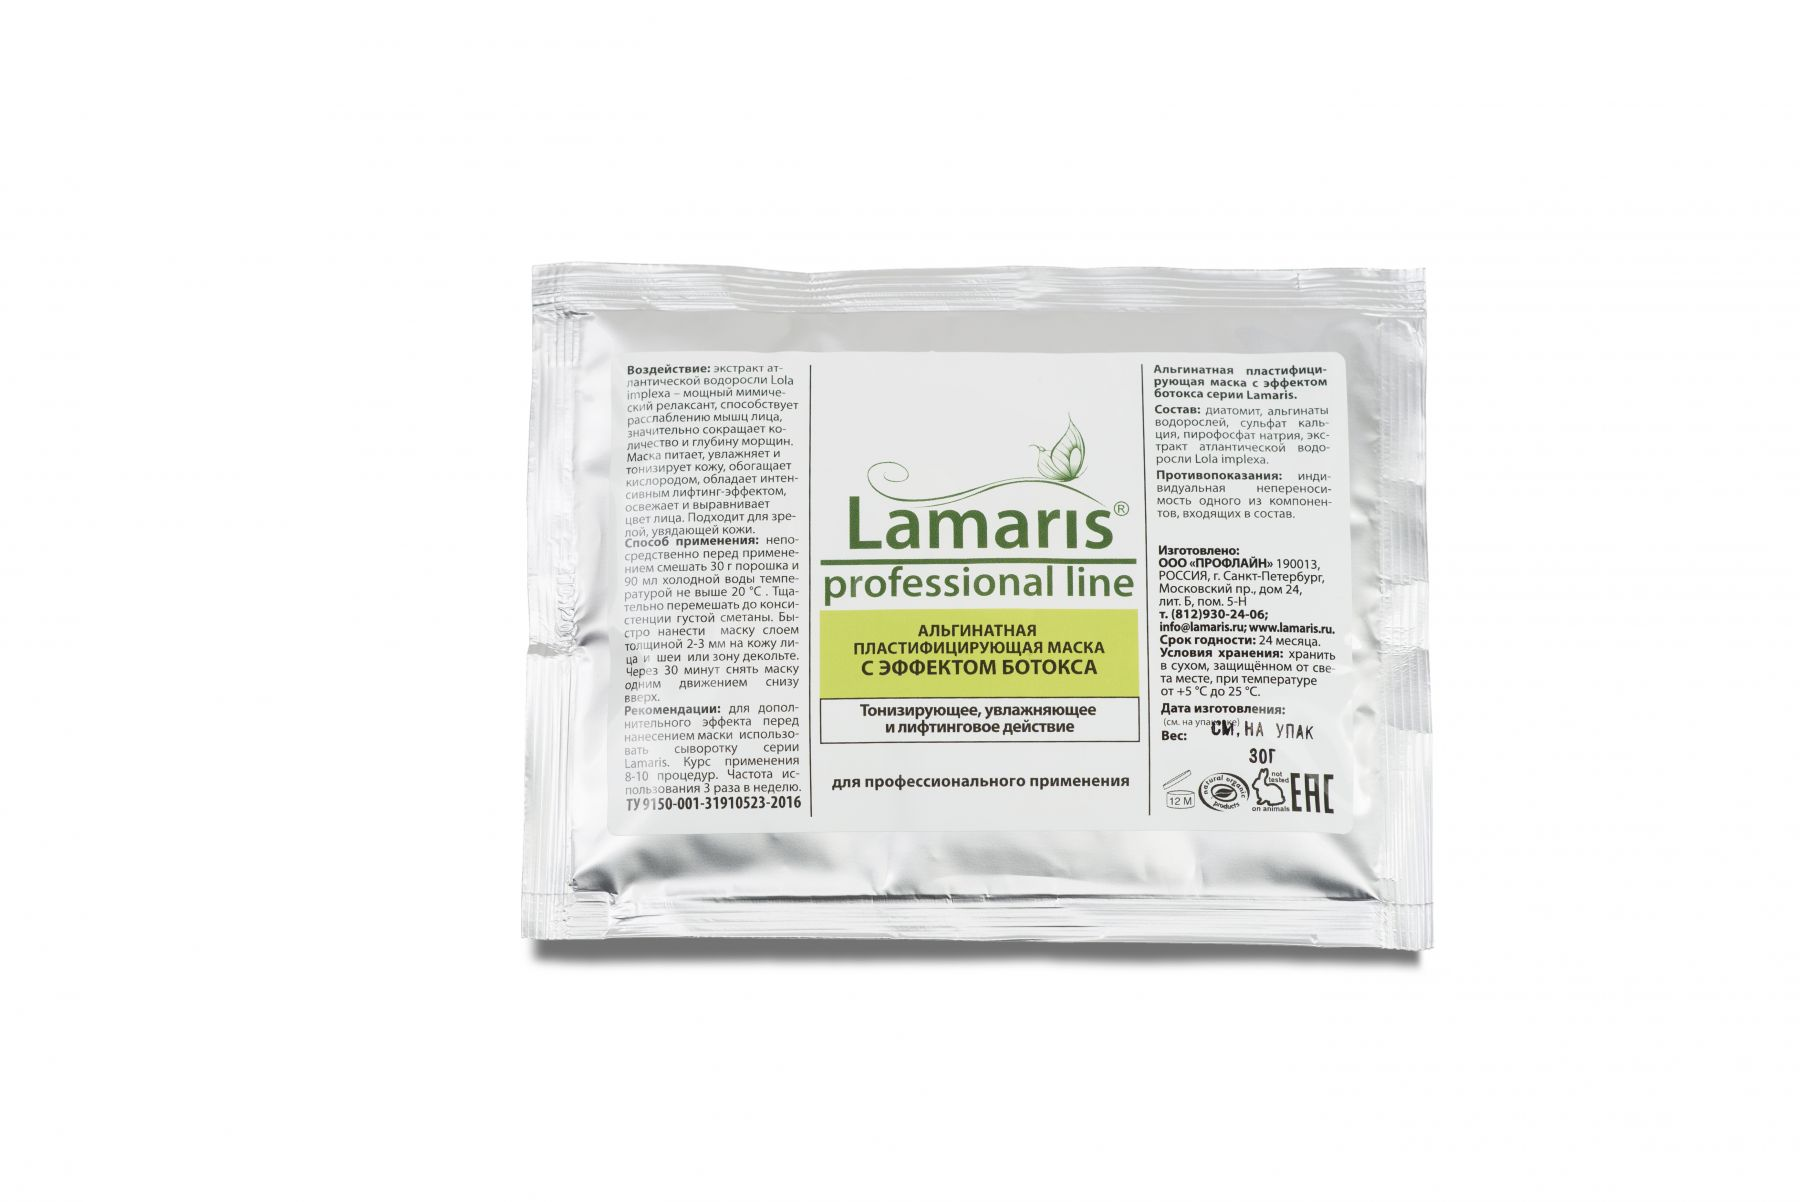 Пластифицирующая альгинатная маска с эффектом ботокса Lamaris - 30,180,400 г